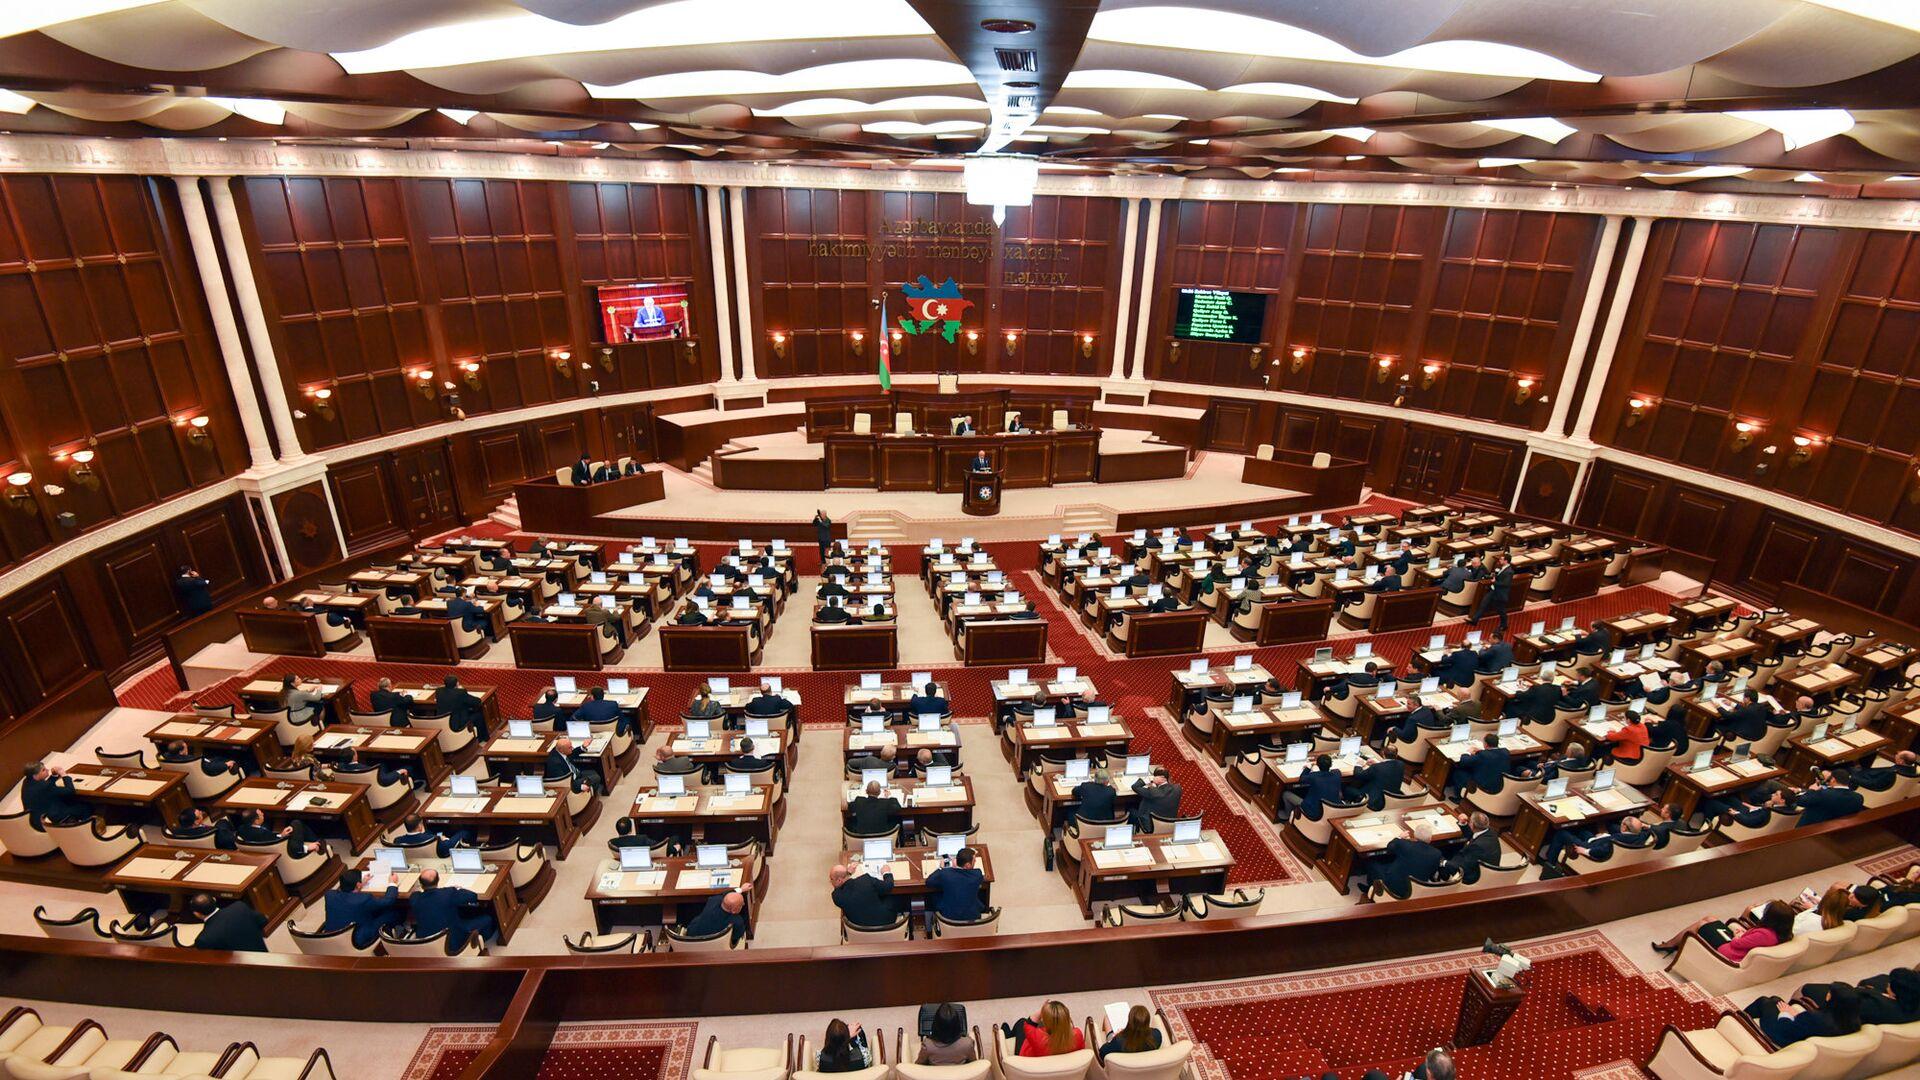 Заседание парламента Азербайджана, фото из архива - Sputnik Азербайджан, 1920, 02.04.2021